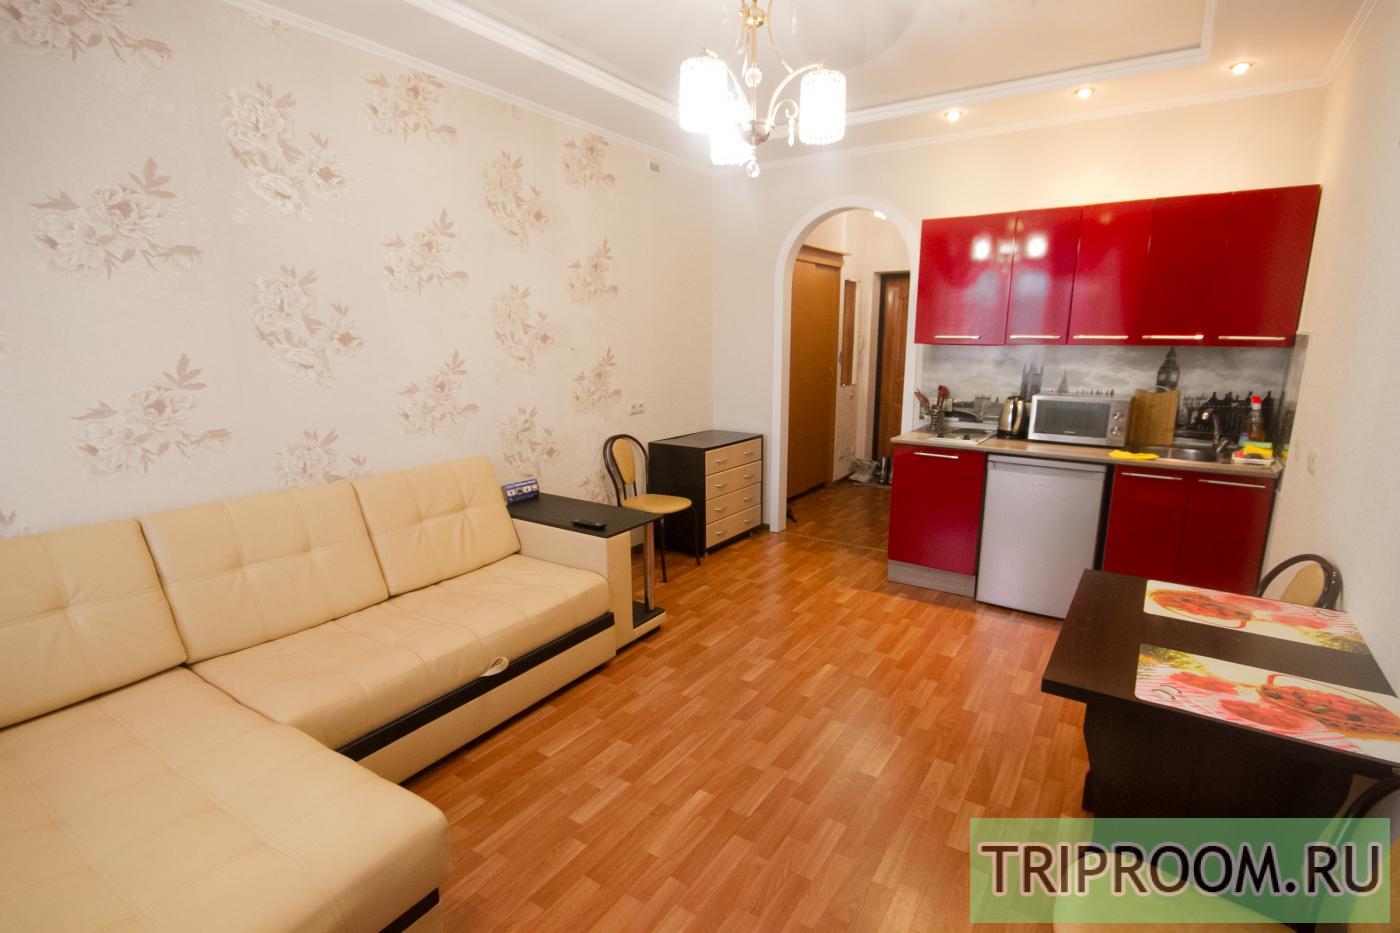 1-комнатная квартира посуточно (вариант № 15742), ул. Плановая улица, фото № 2